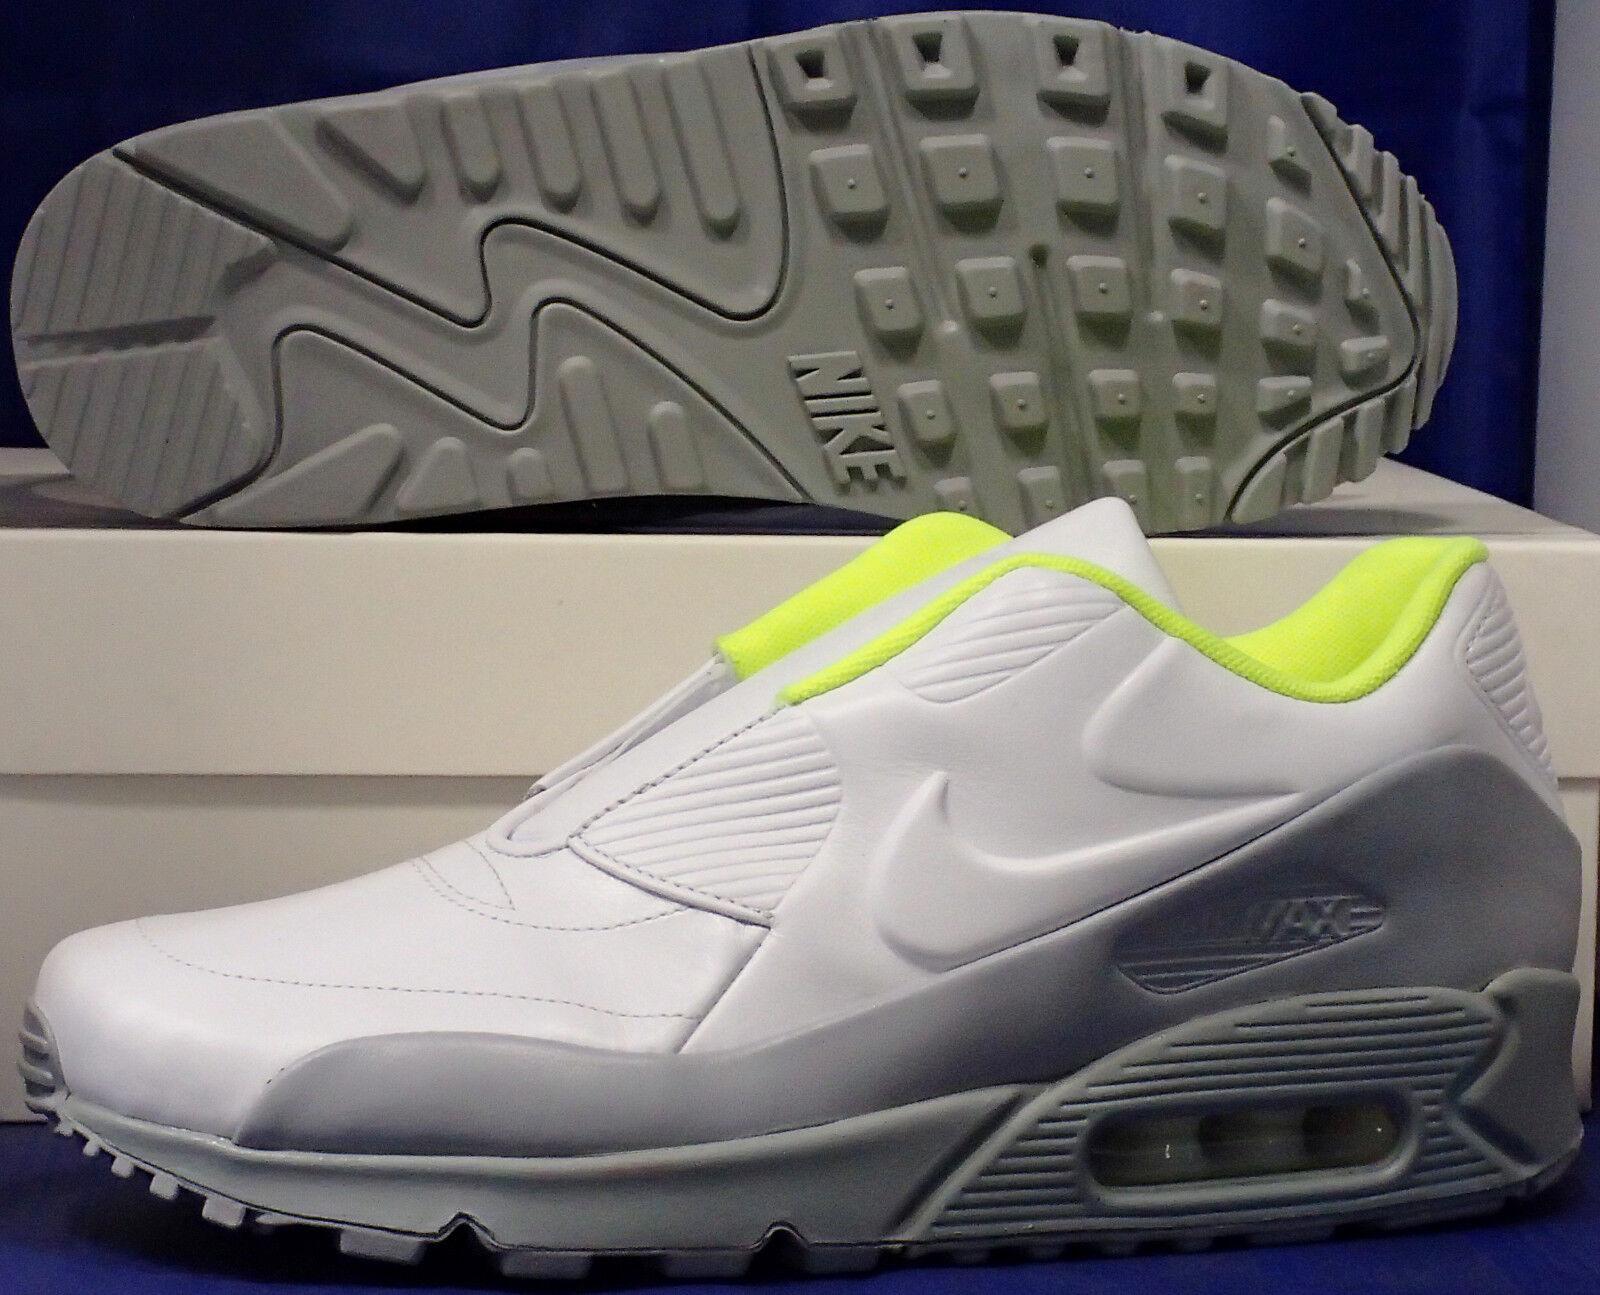 Mujer Nike Air Max 90 90 90 Sp   Sacai blancoo gris Lobo Volt Talla 9 (804550-110)  el más barato